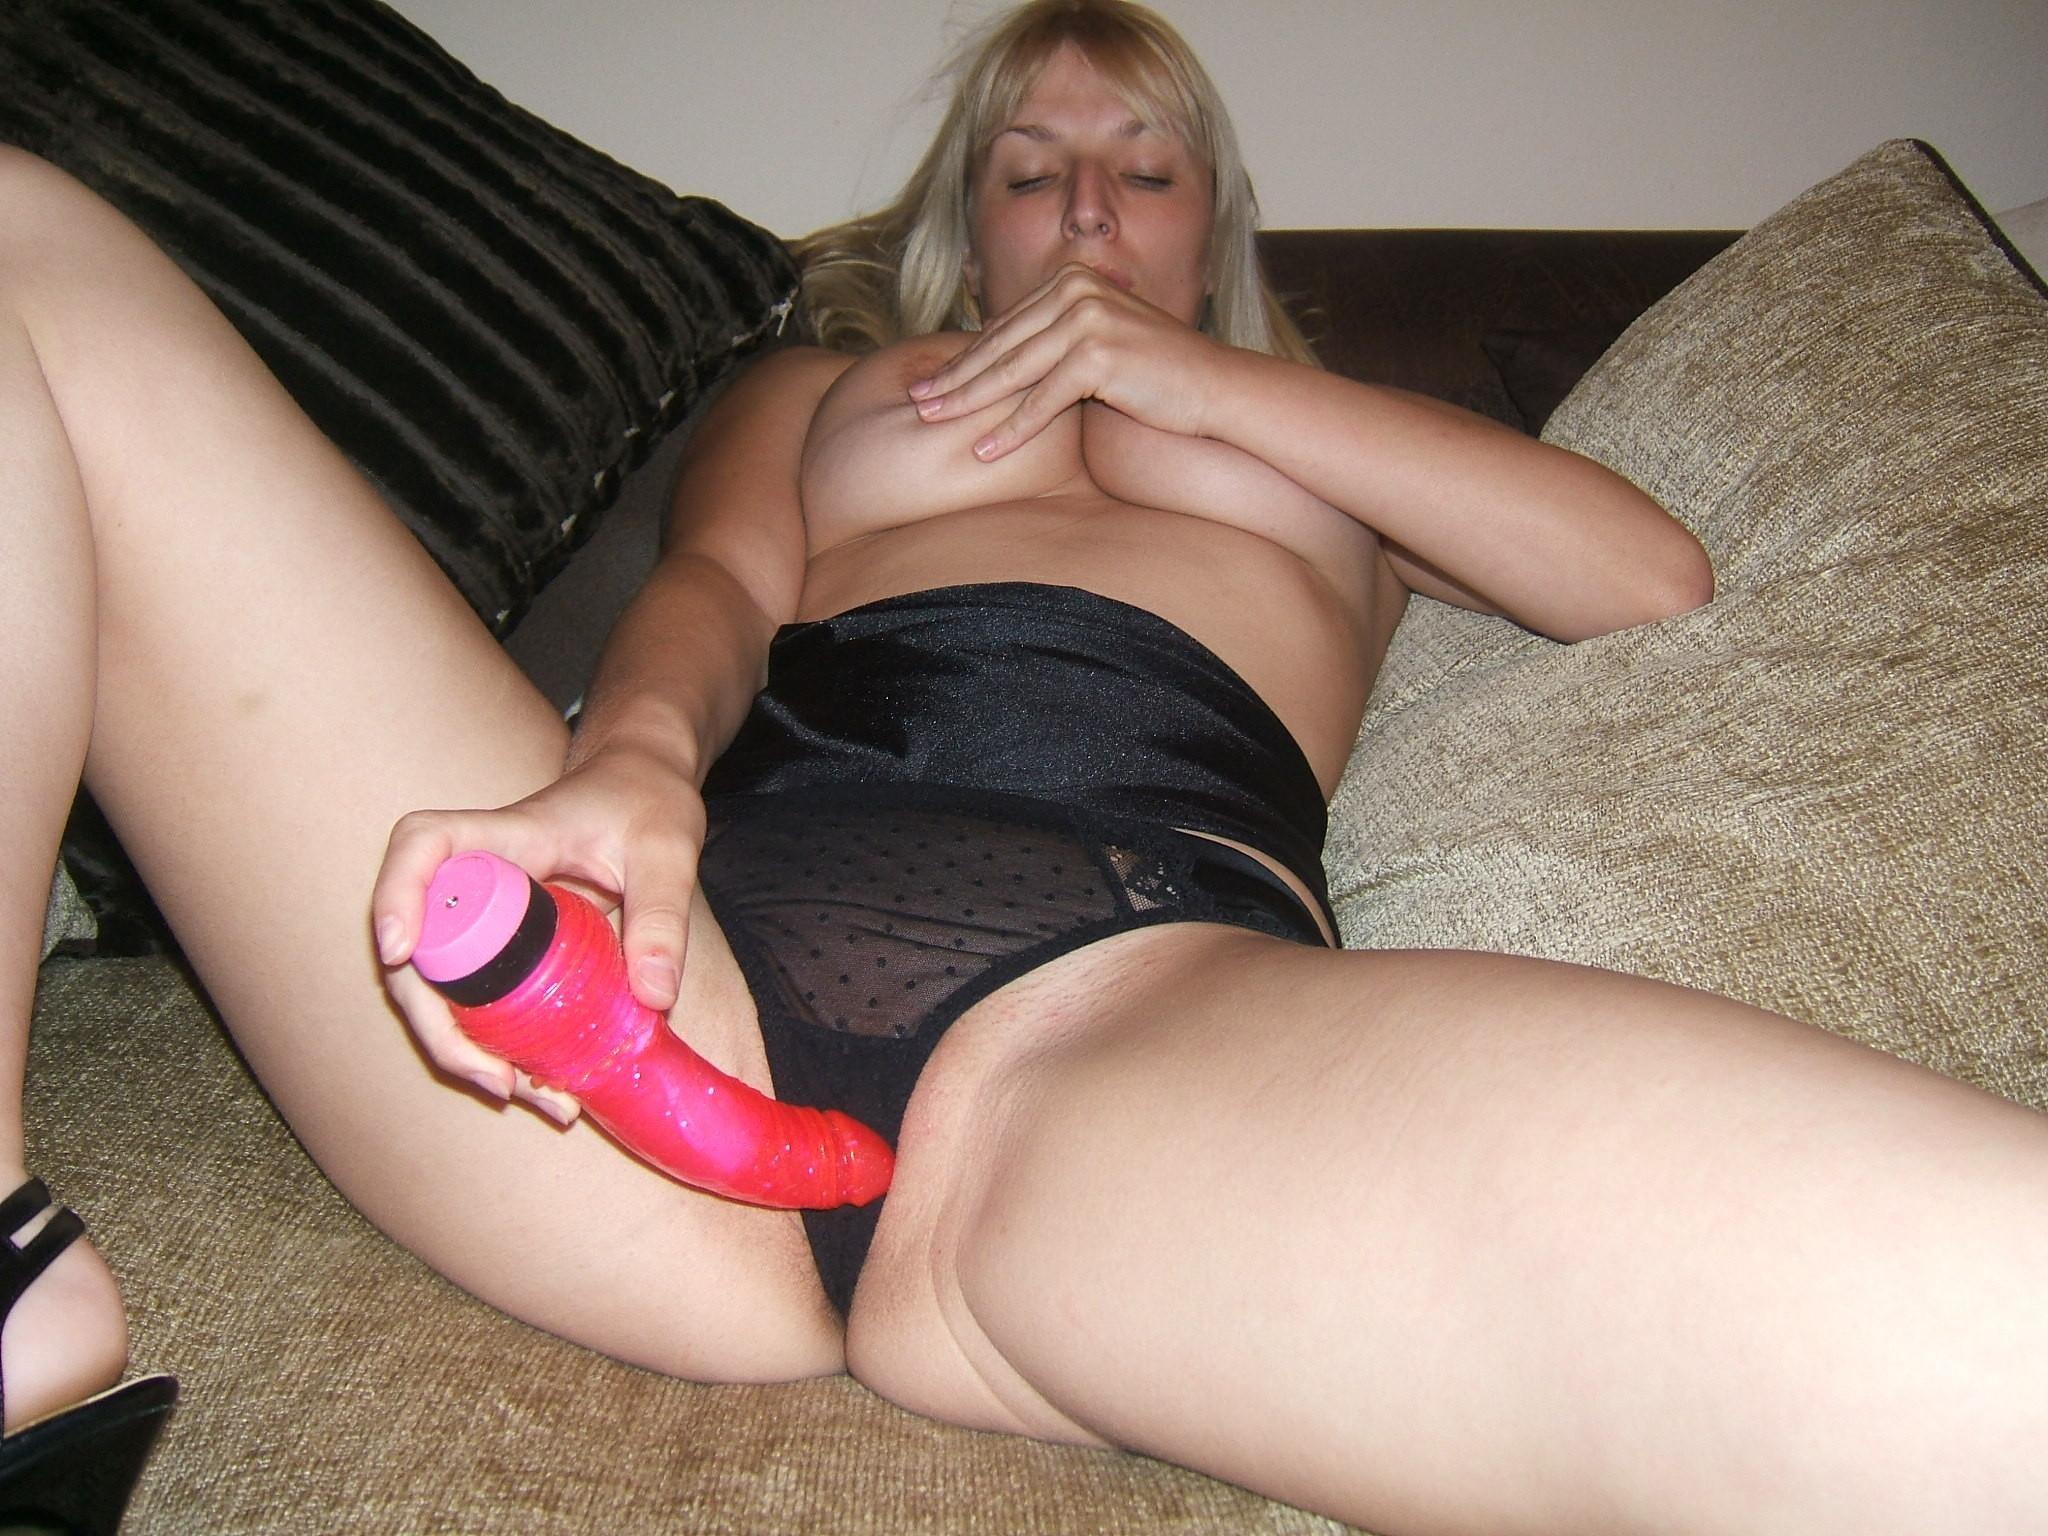 Пьяная блондинка Энди развлекает себя красным дилдо